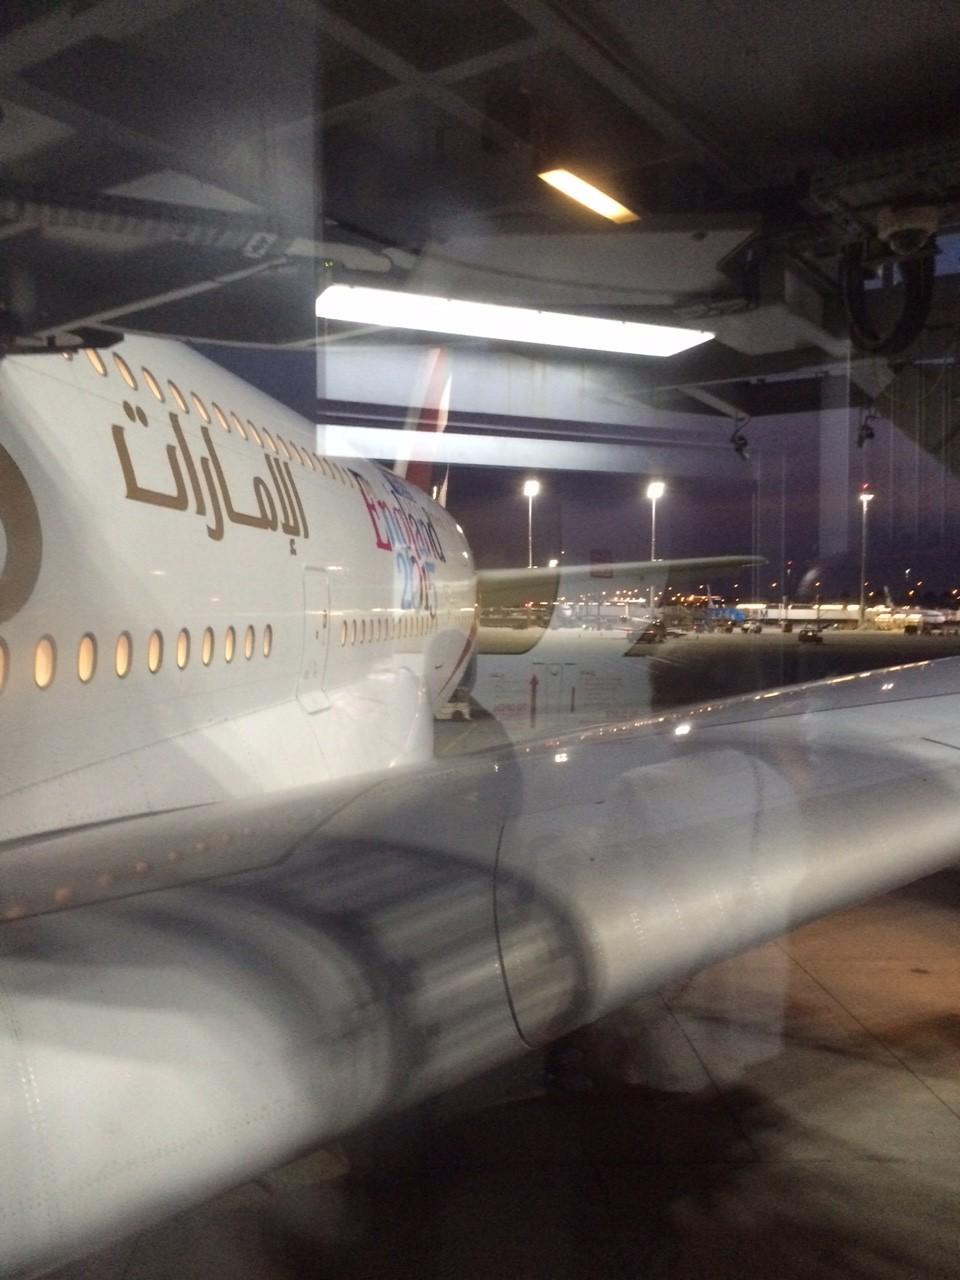 My plane to Dubai